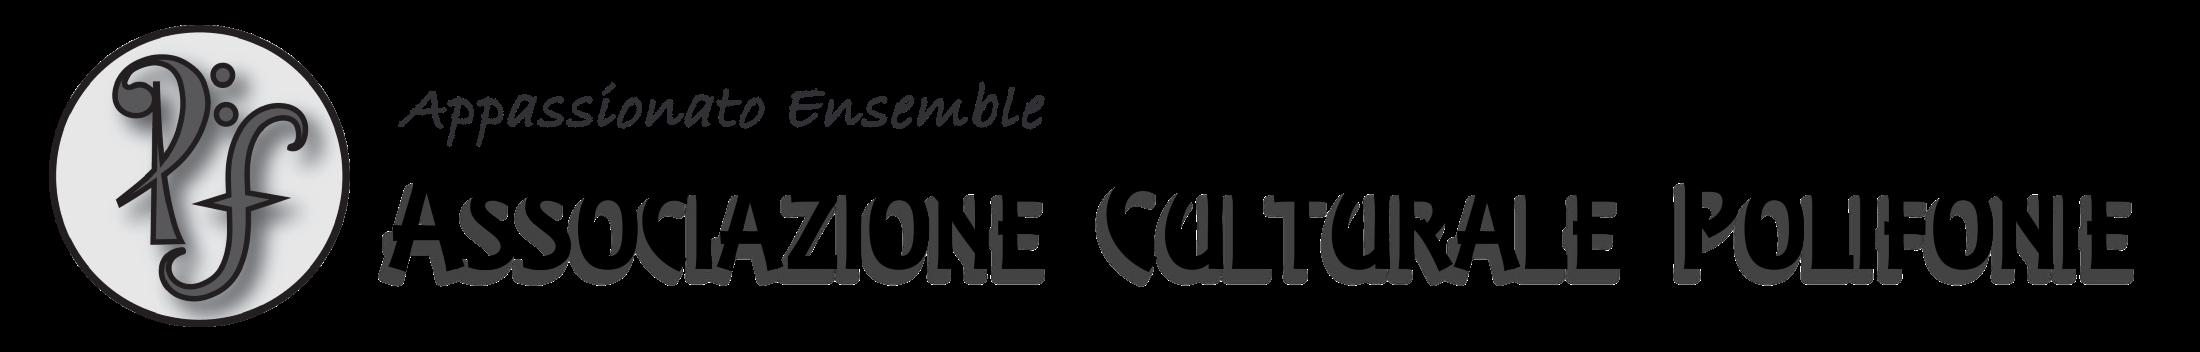 Associazione Culturale Polifonie